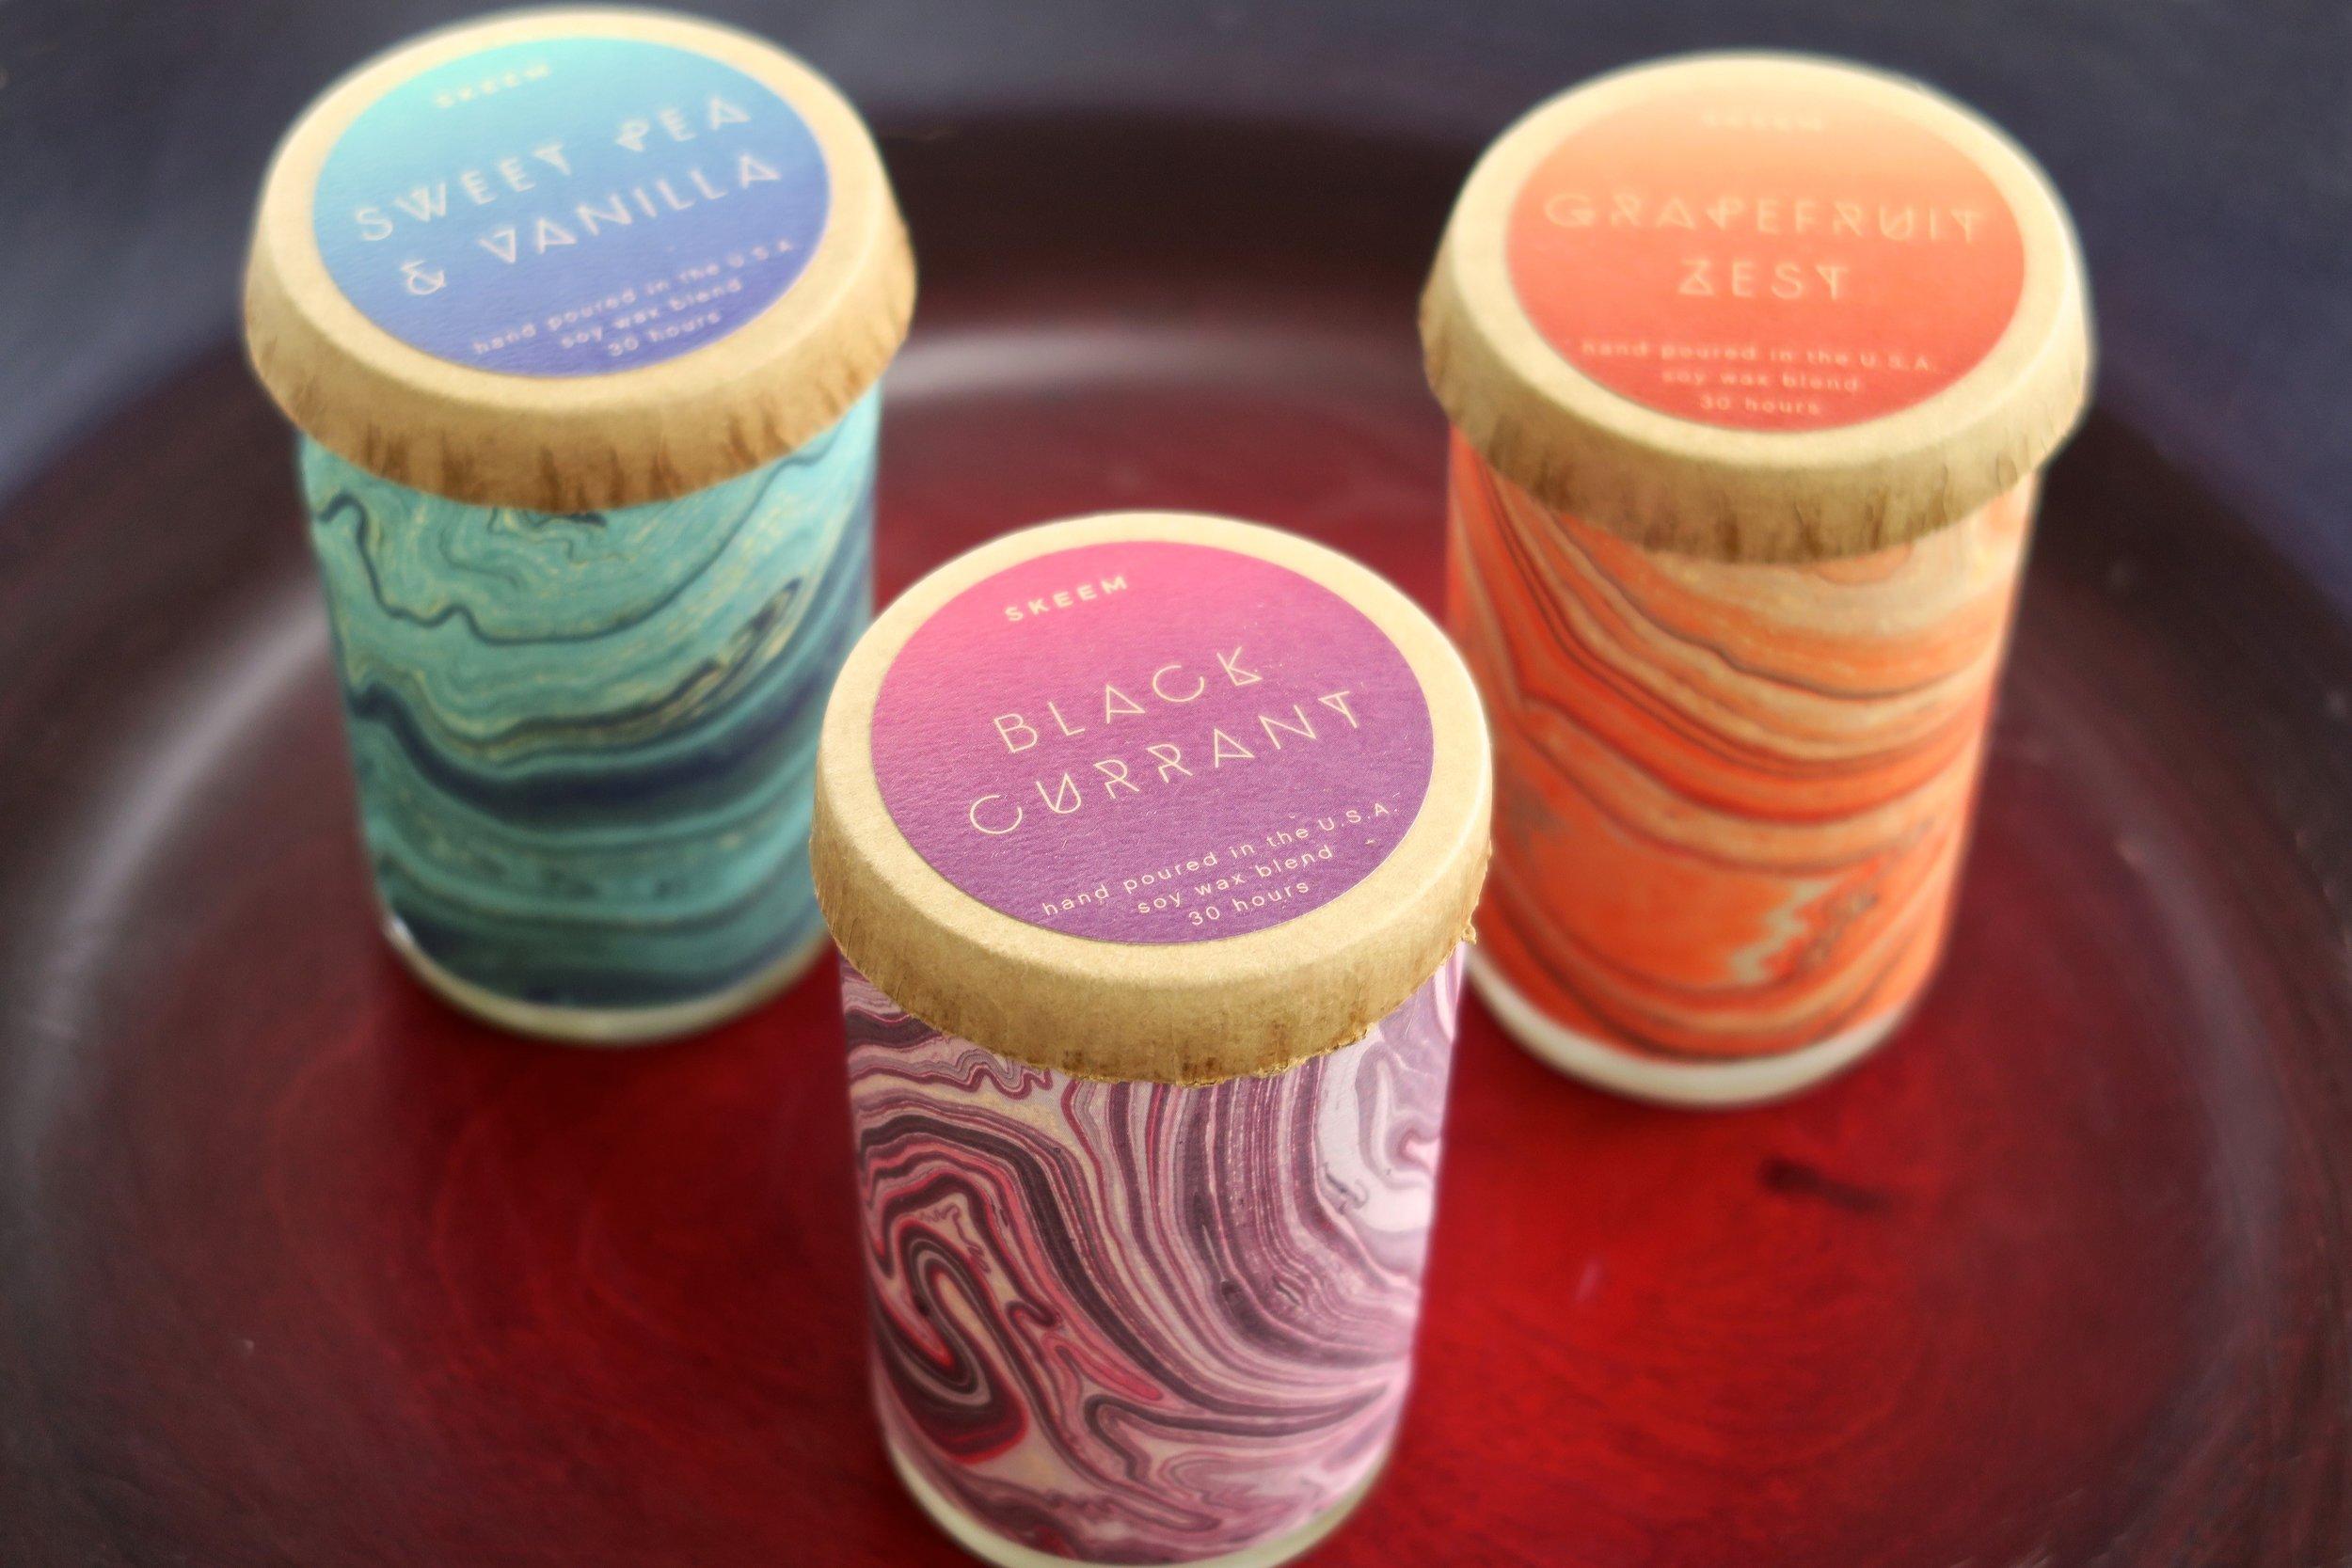 Skeem Design's marbled candles